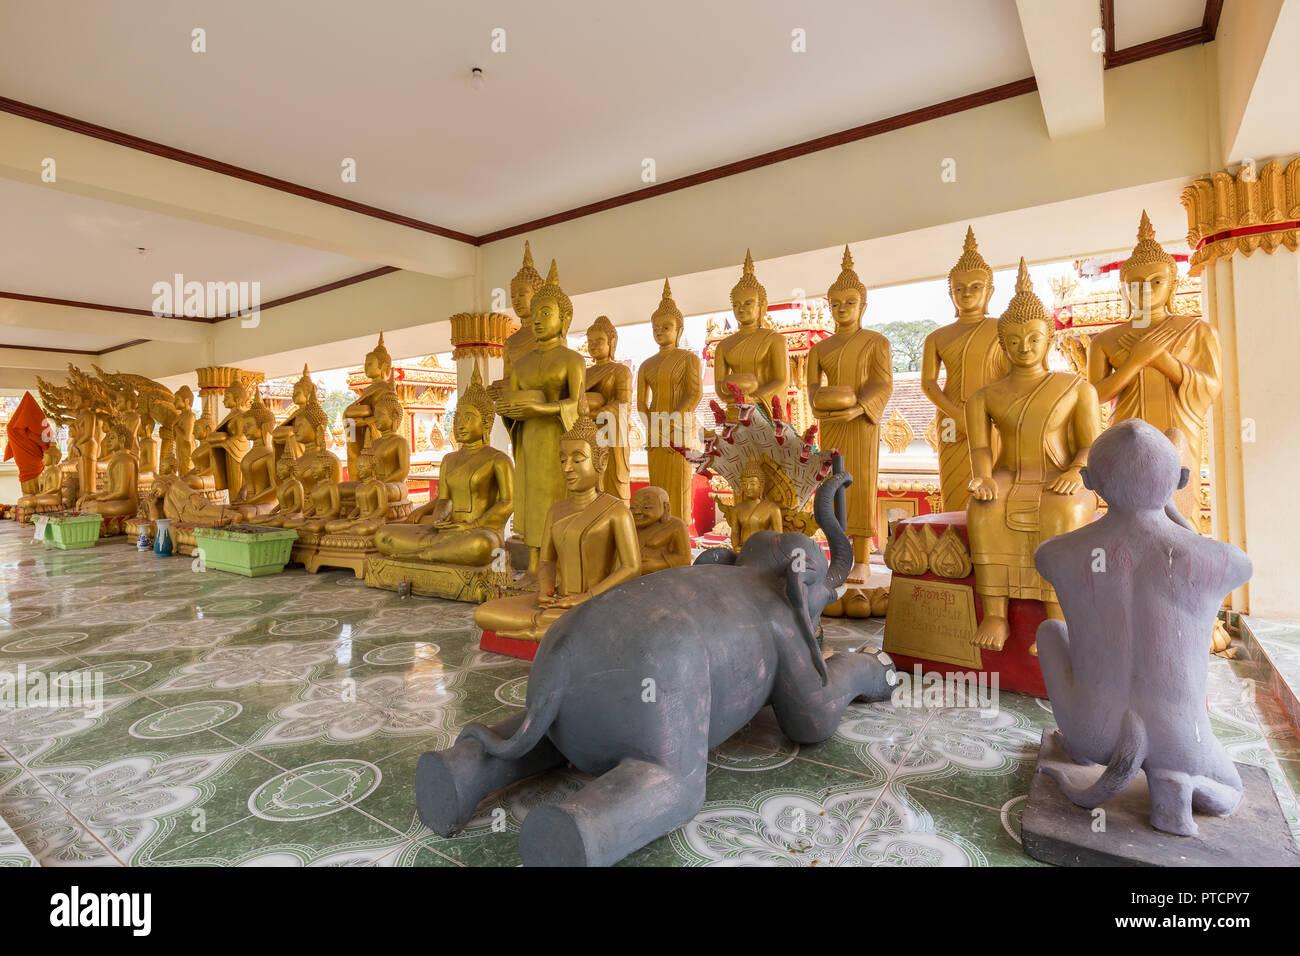 Zwei tierische Skulpturen und viele vergoldeten Buddha Statuen am Tai Tempel Wat That Luang in Vientiane, Laos. Stockbild